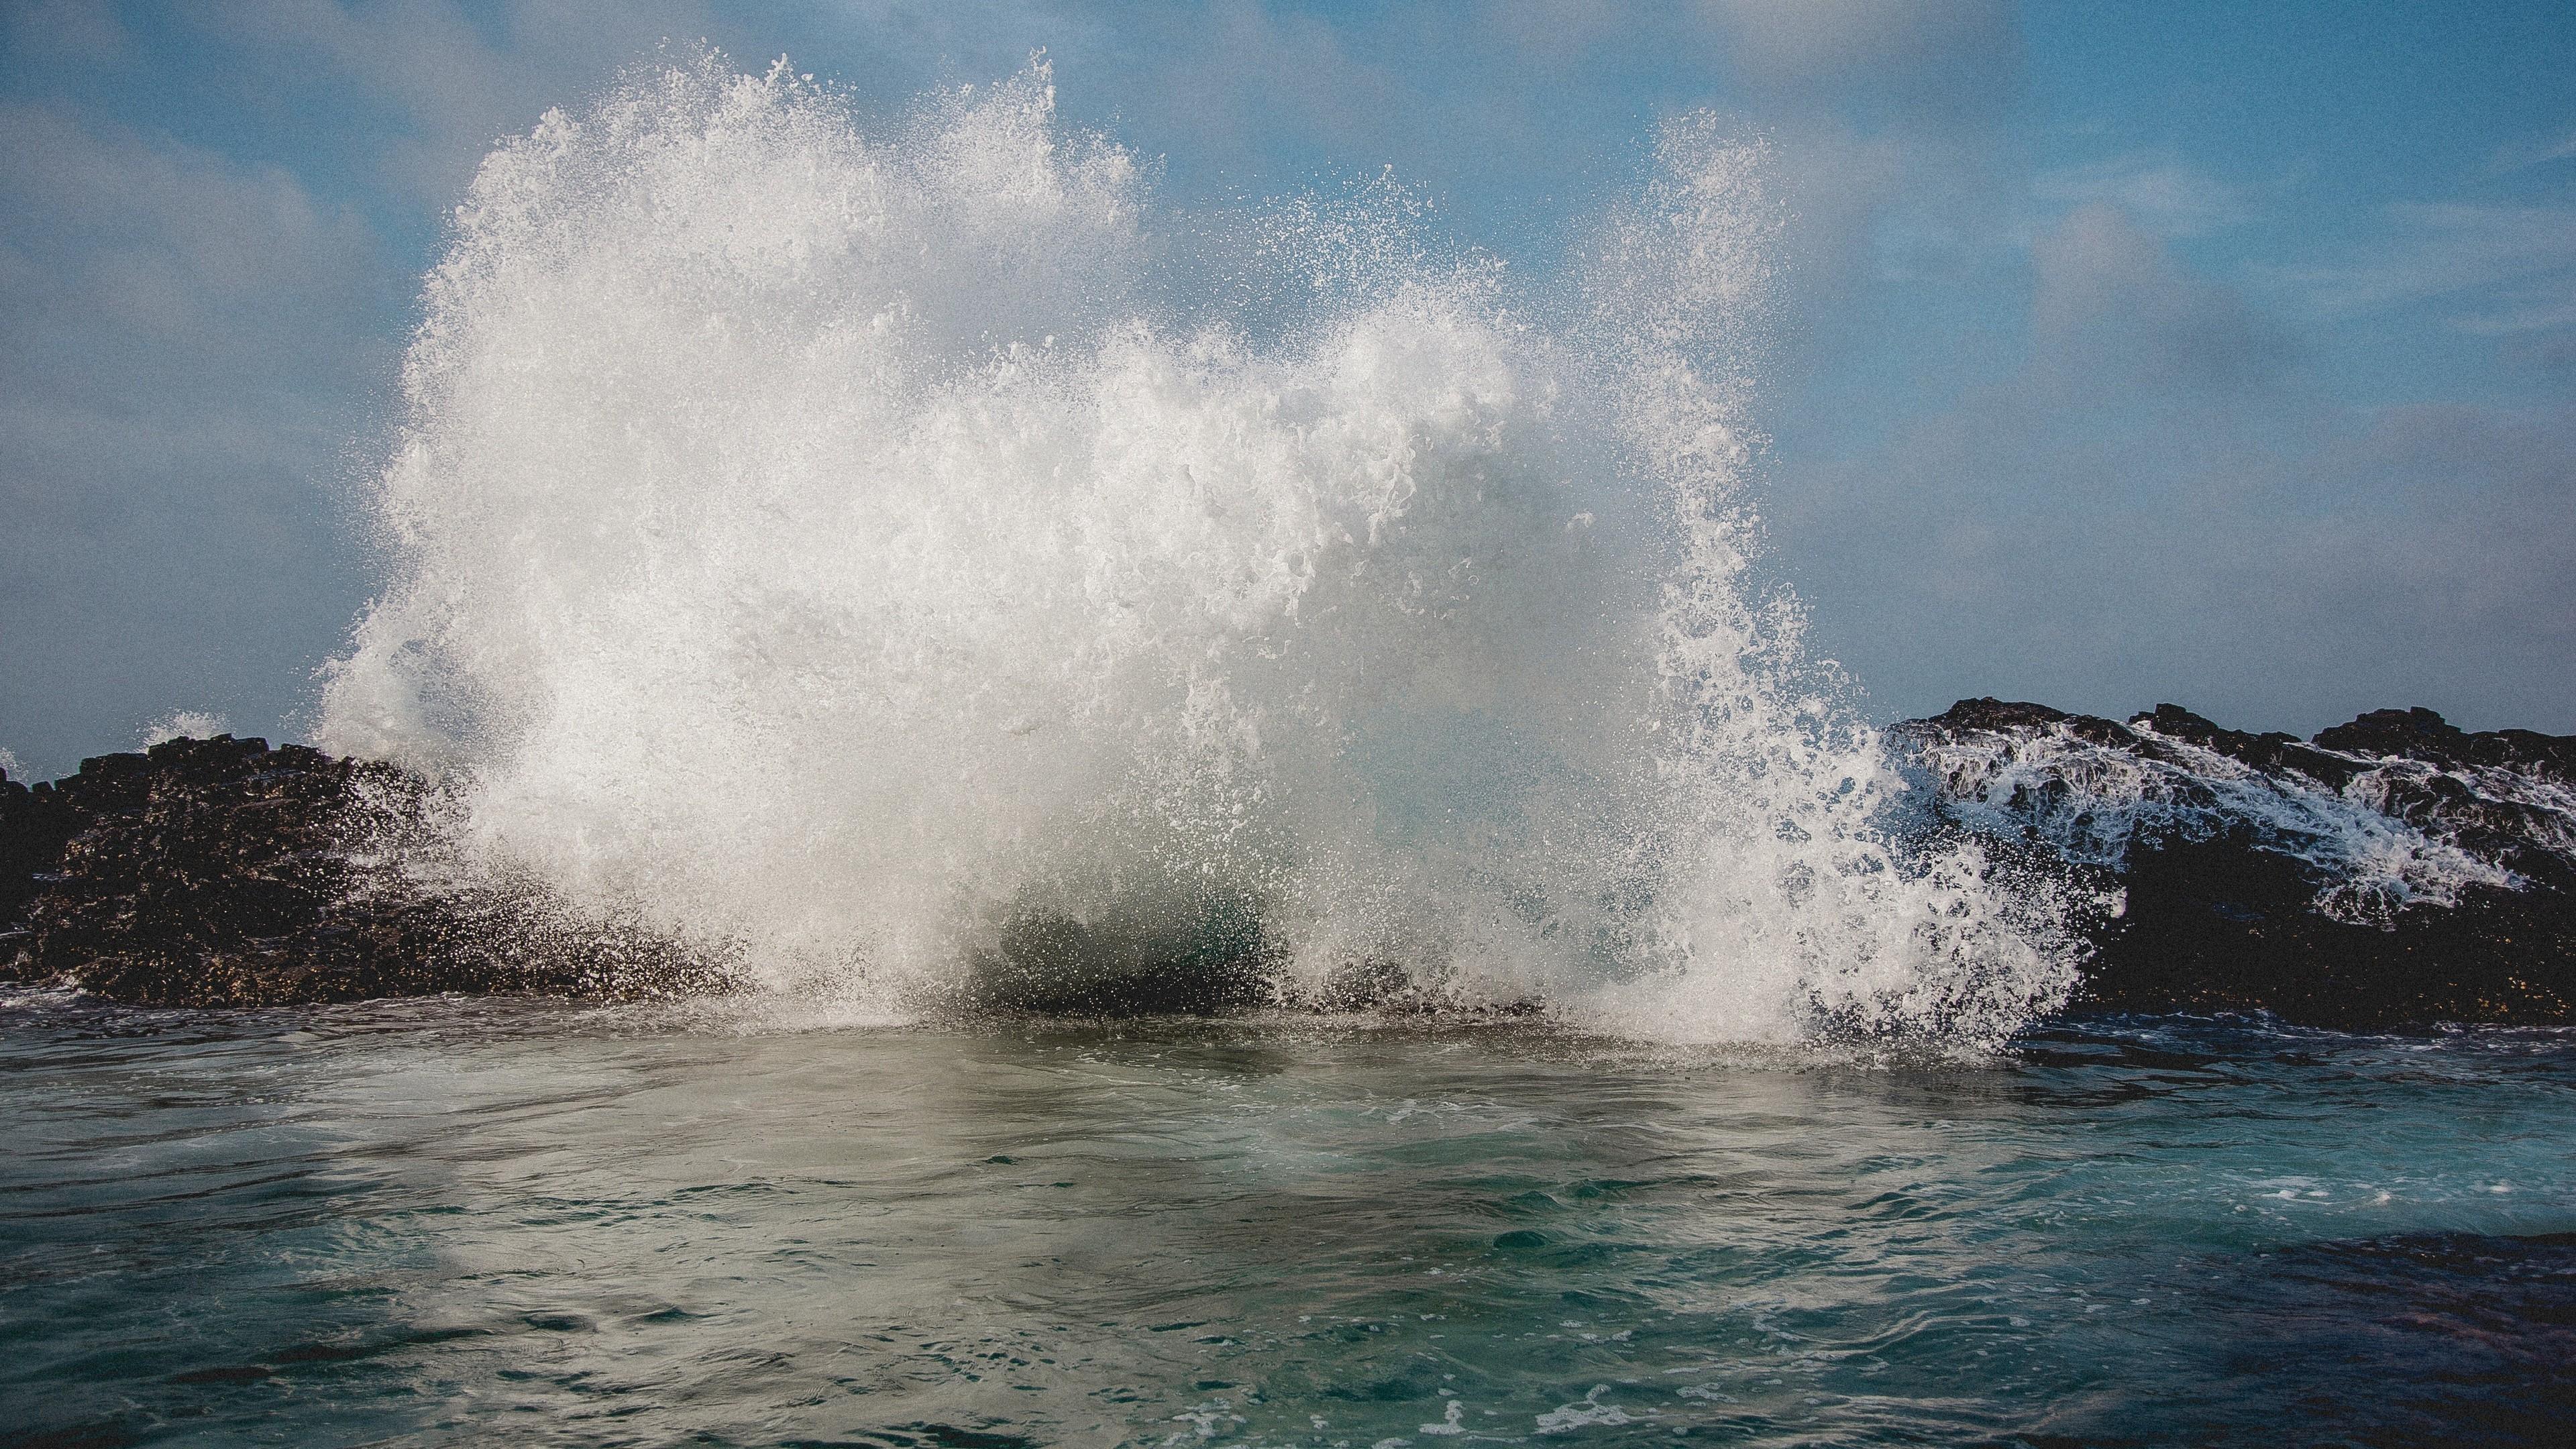 обрезке картинки прибоя волн интерьера продиктованы